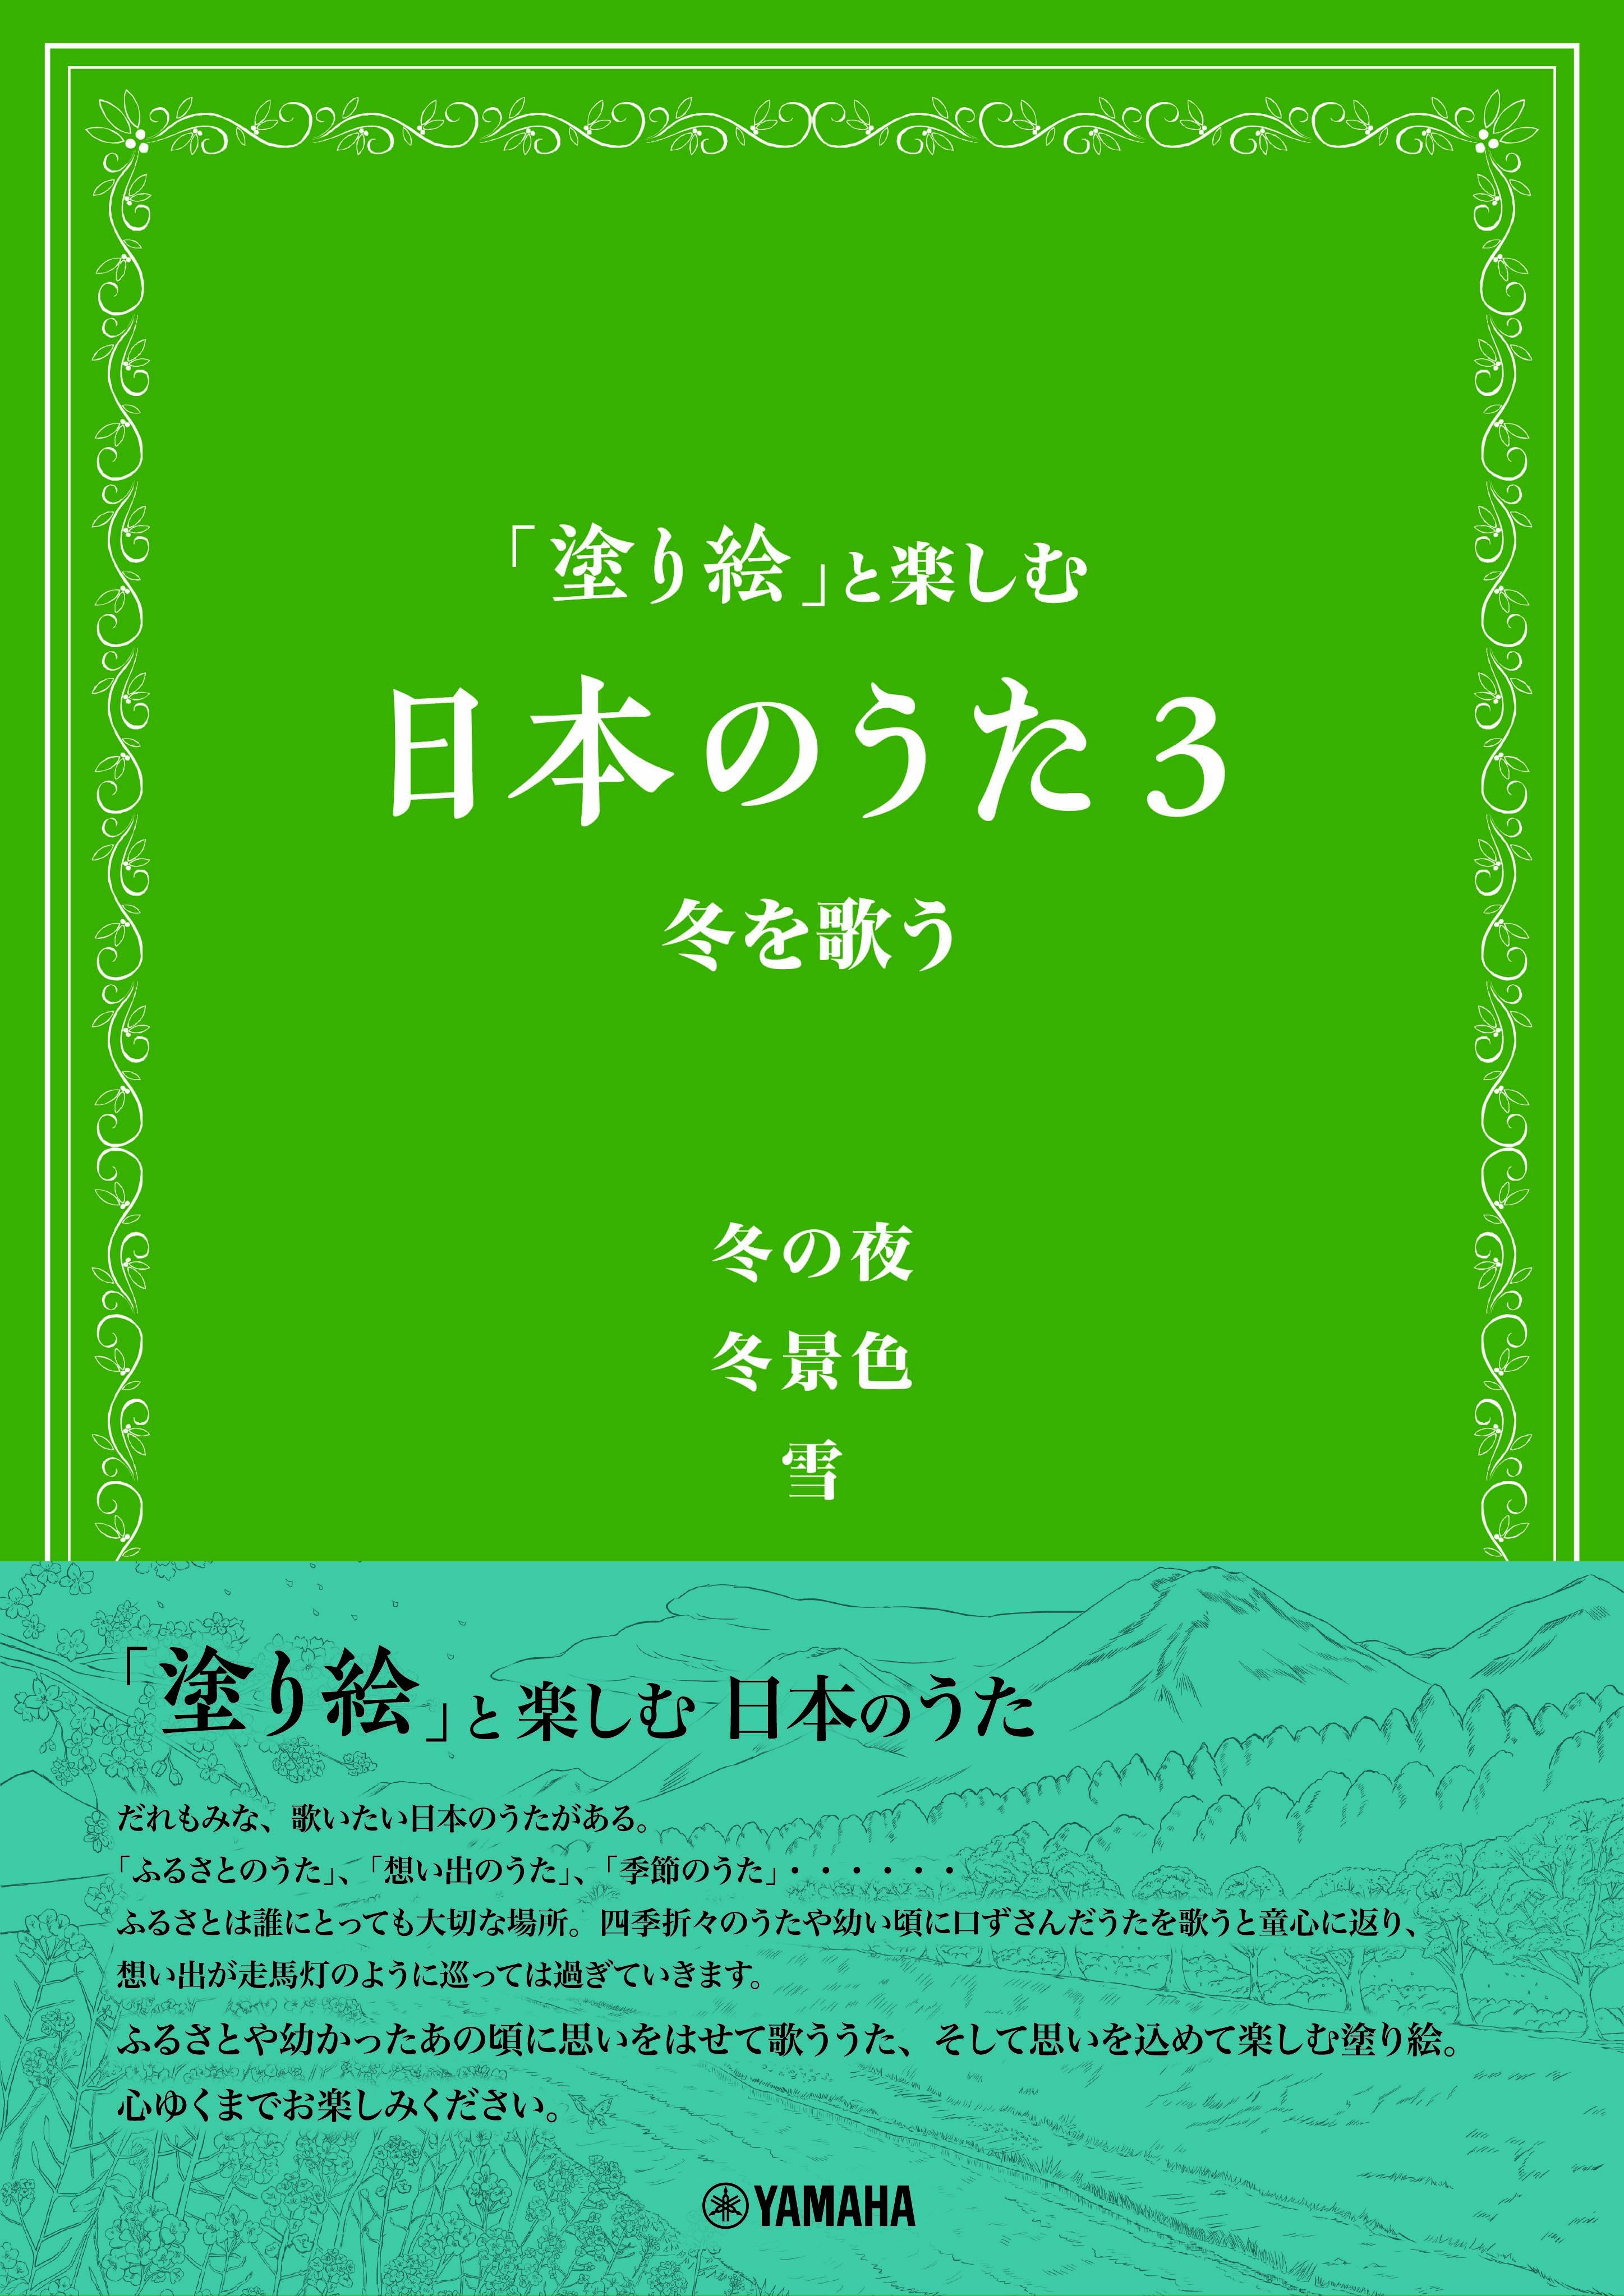 「塗り絵」と楽しむ 日本のうた3 冬を歌う